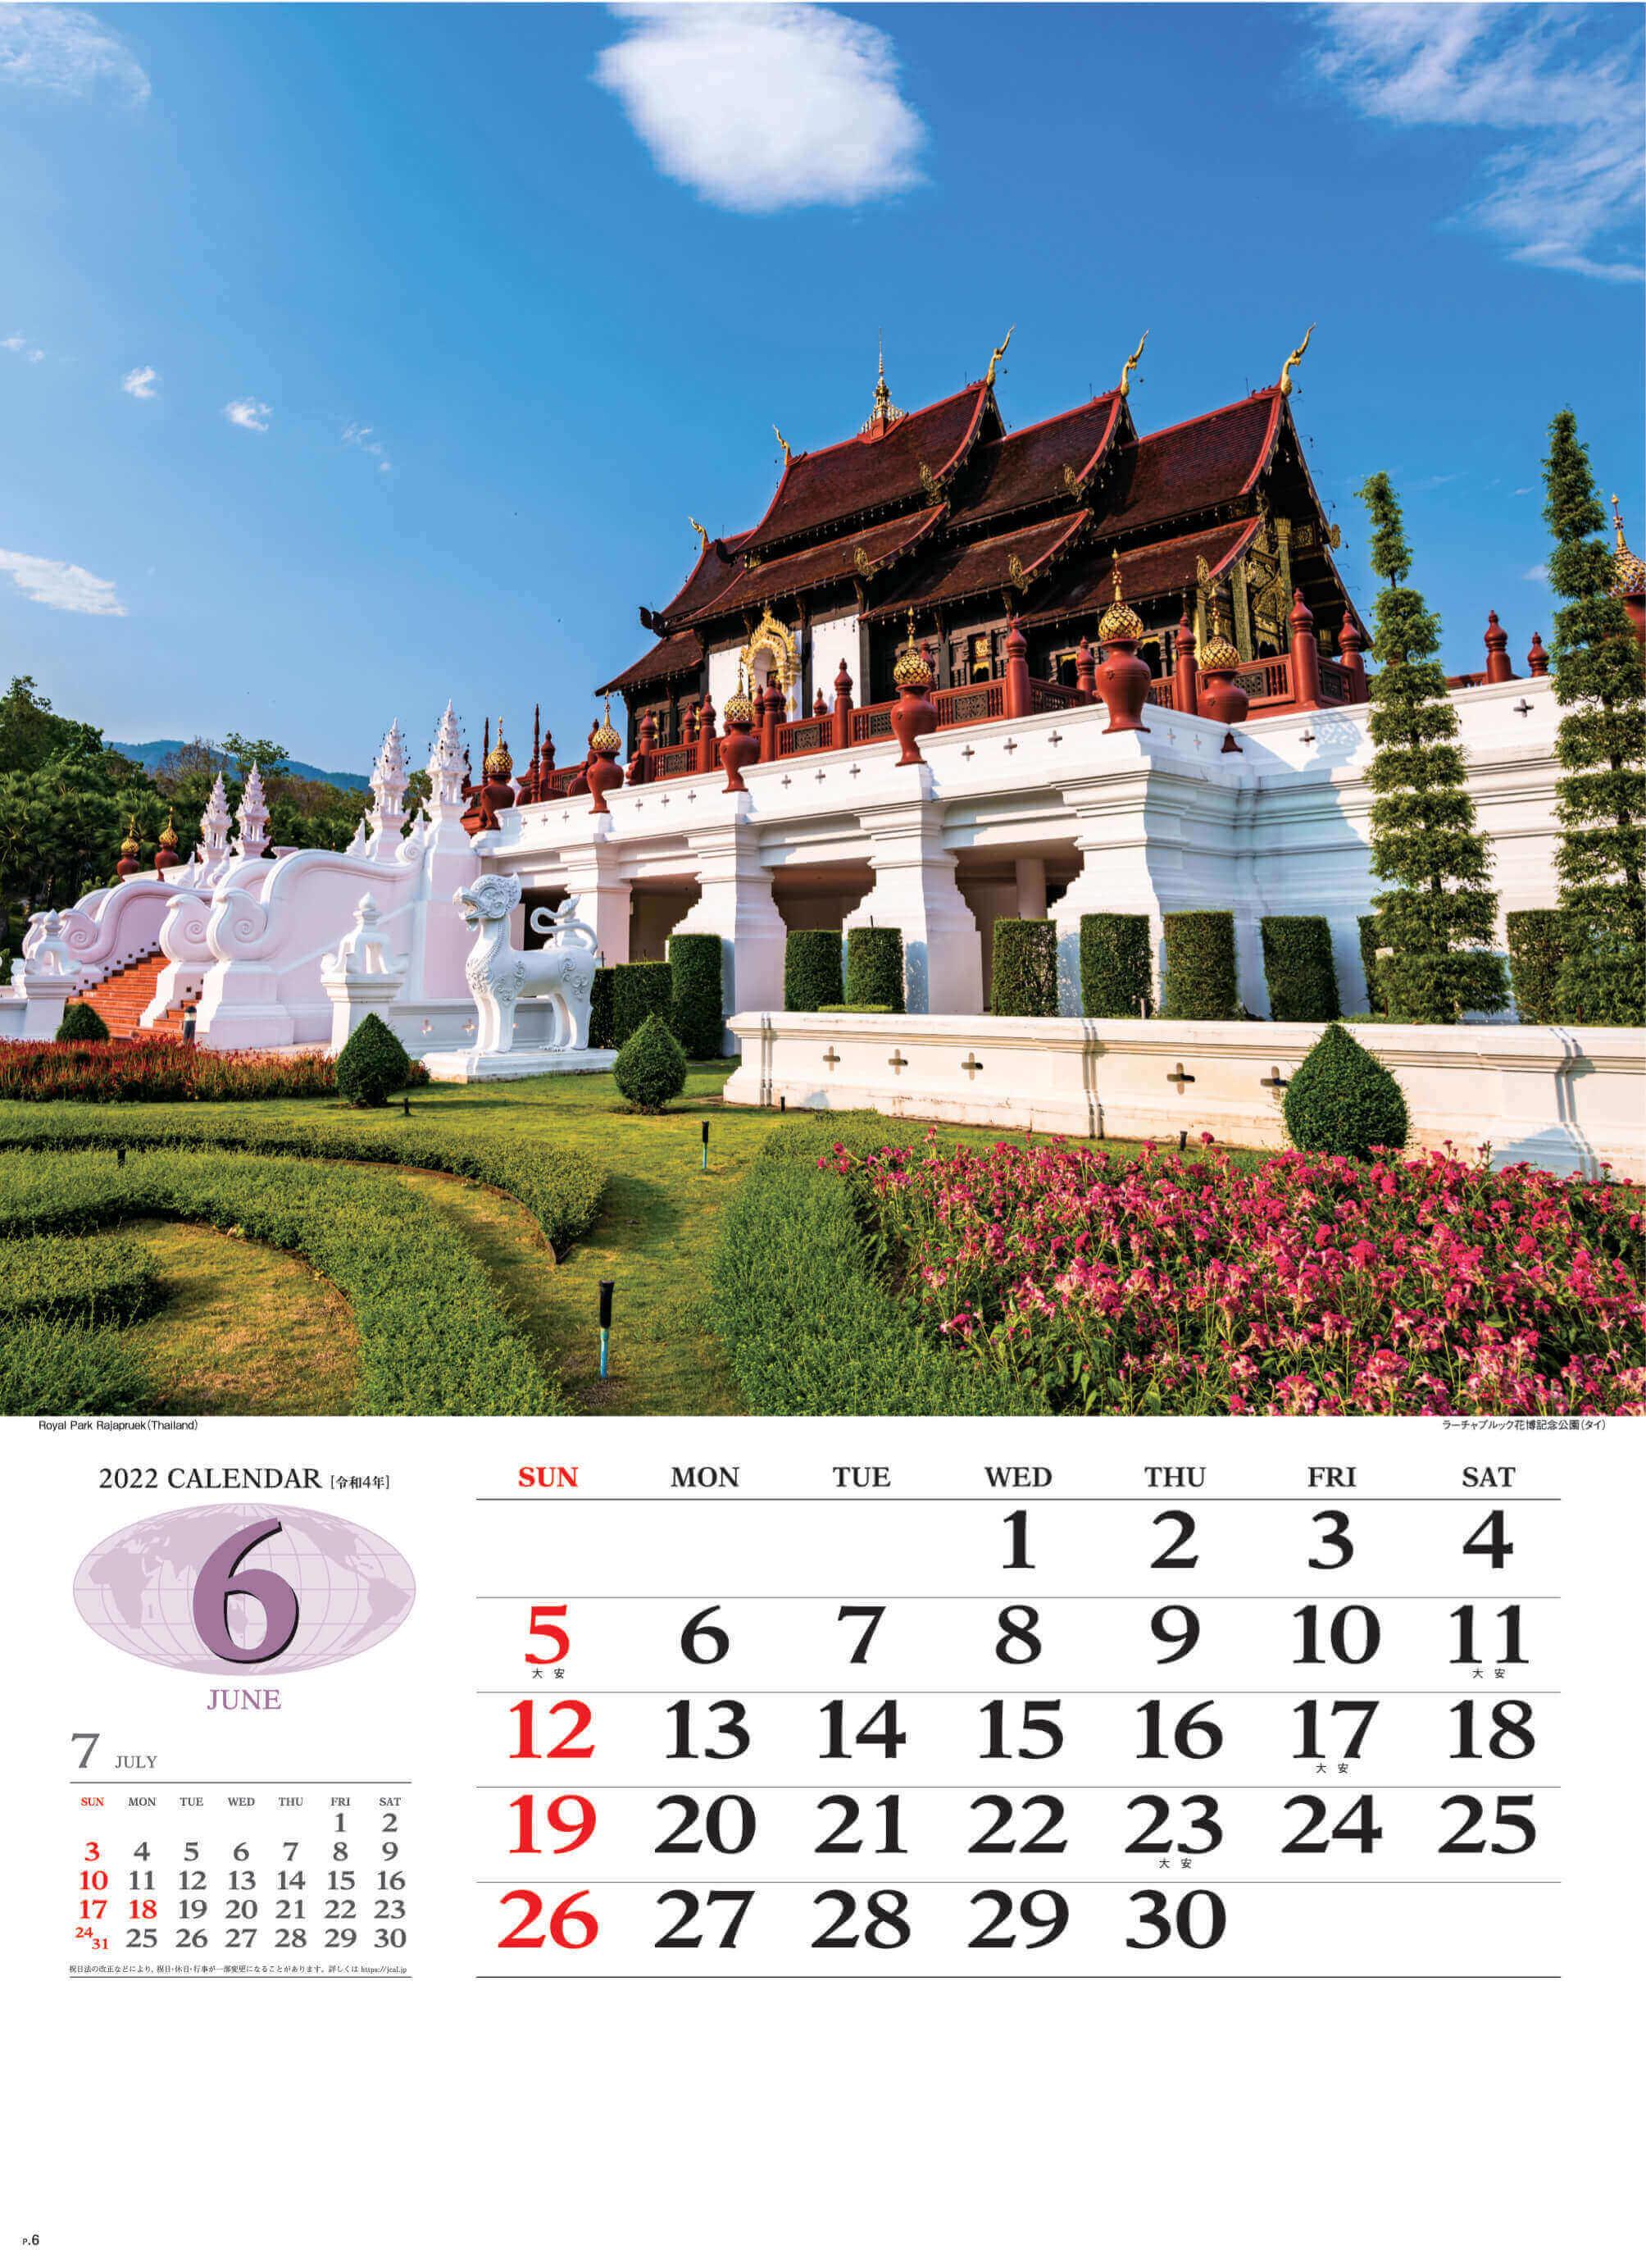 6月 ラーチャプルック花博記念公園 タイ 世界の景観 2022年カレンダーの画像